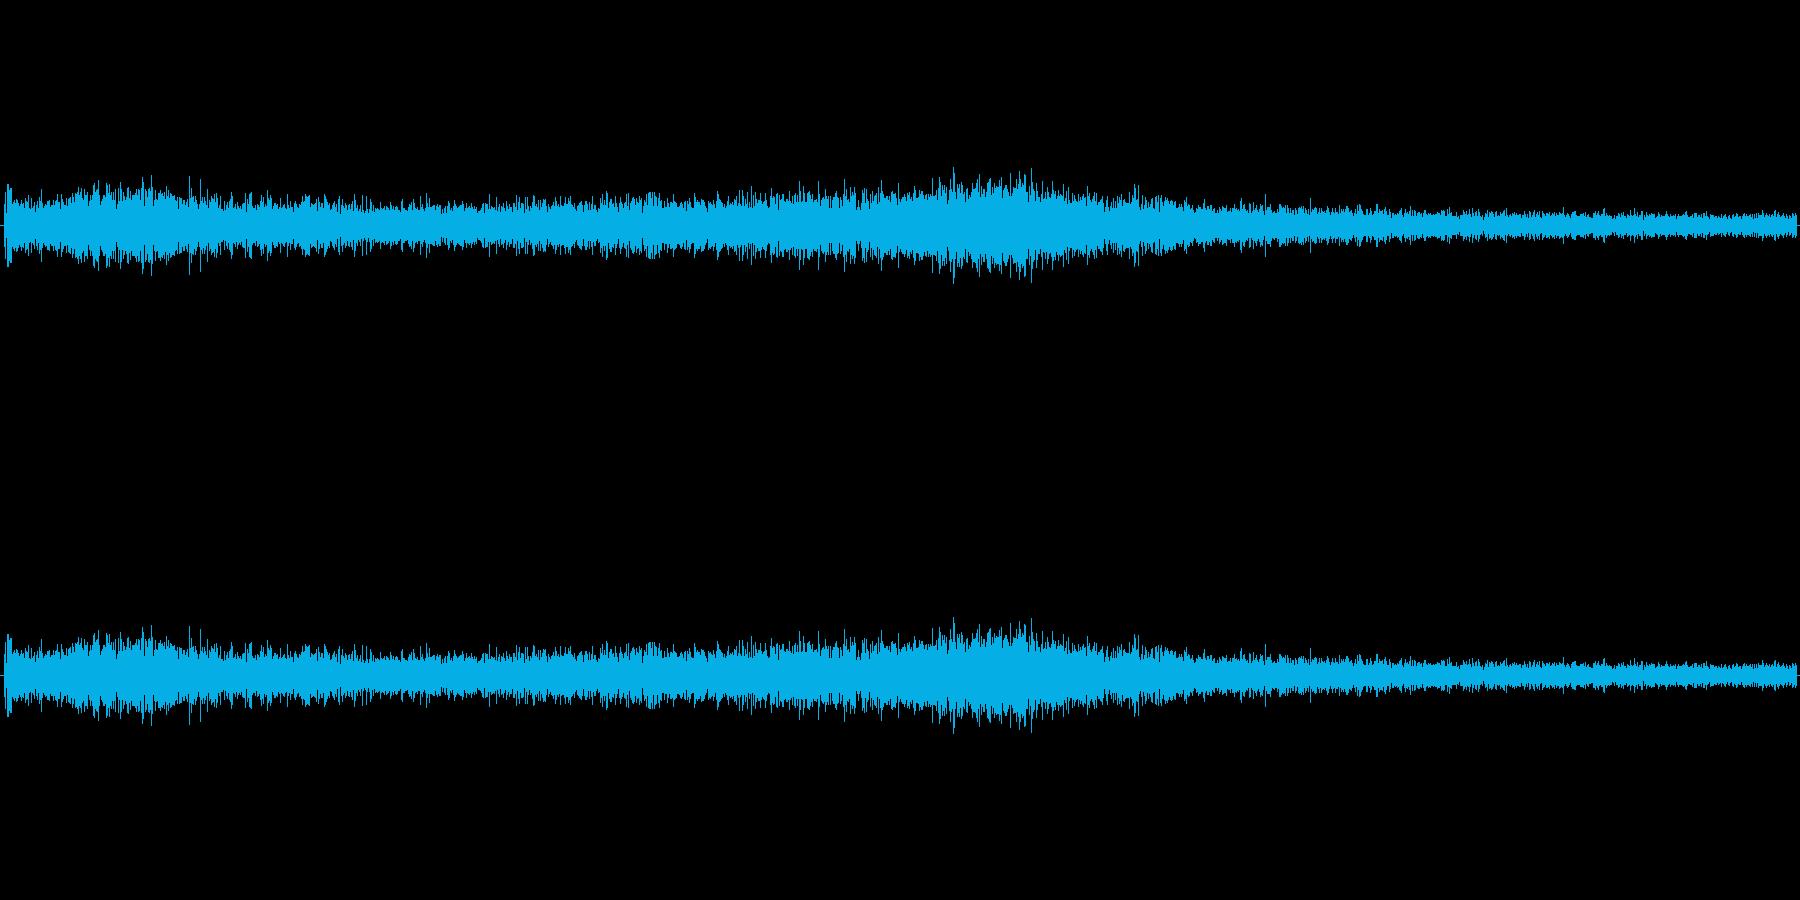 【生音】ゴー、、、ゴー、、という車通過音の再生済みの波形